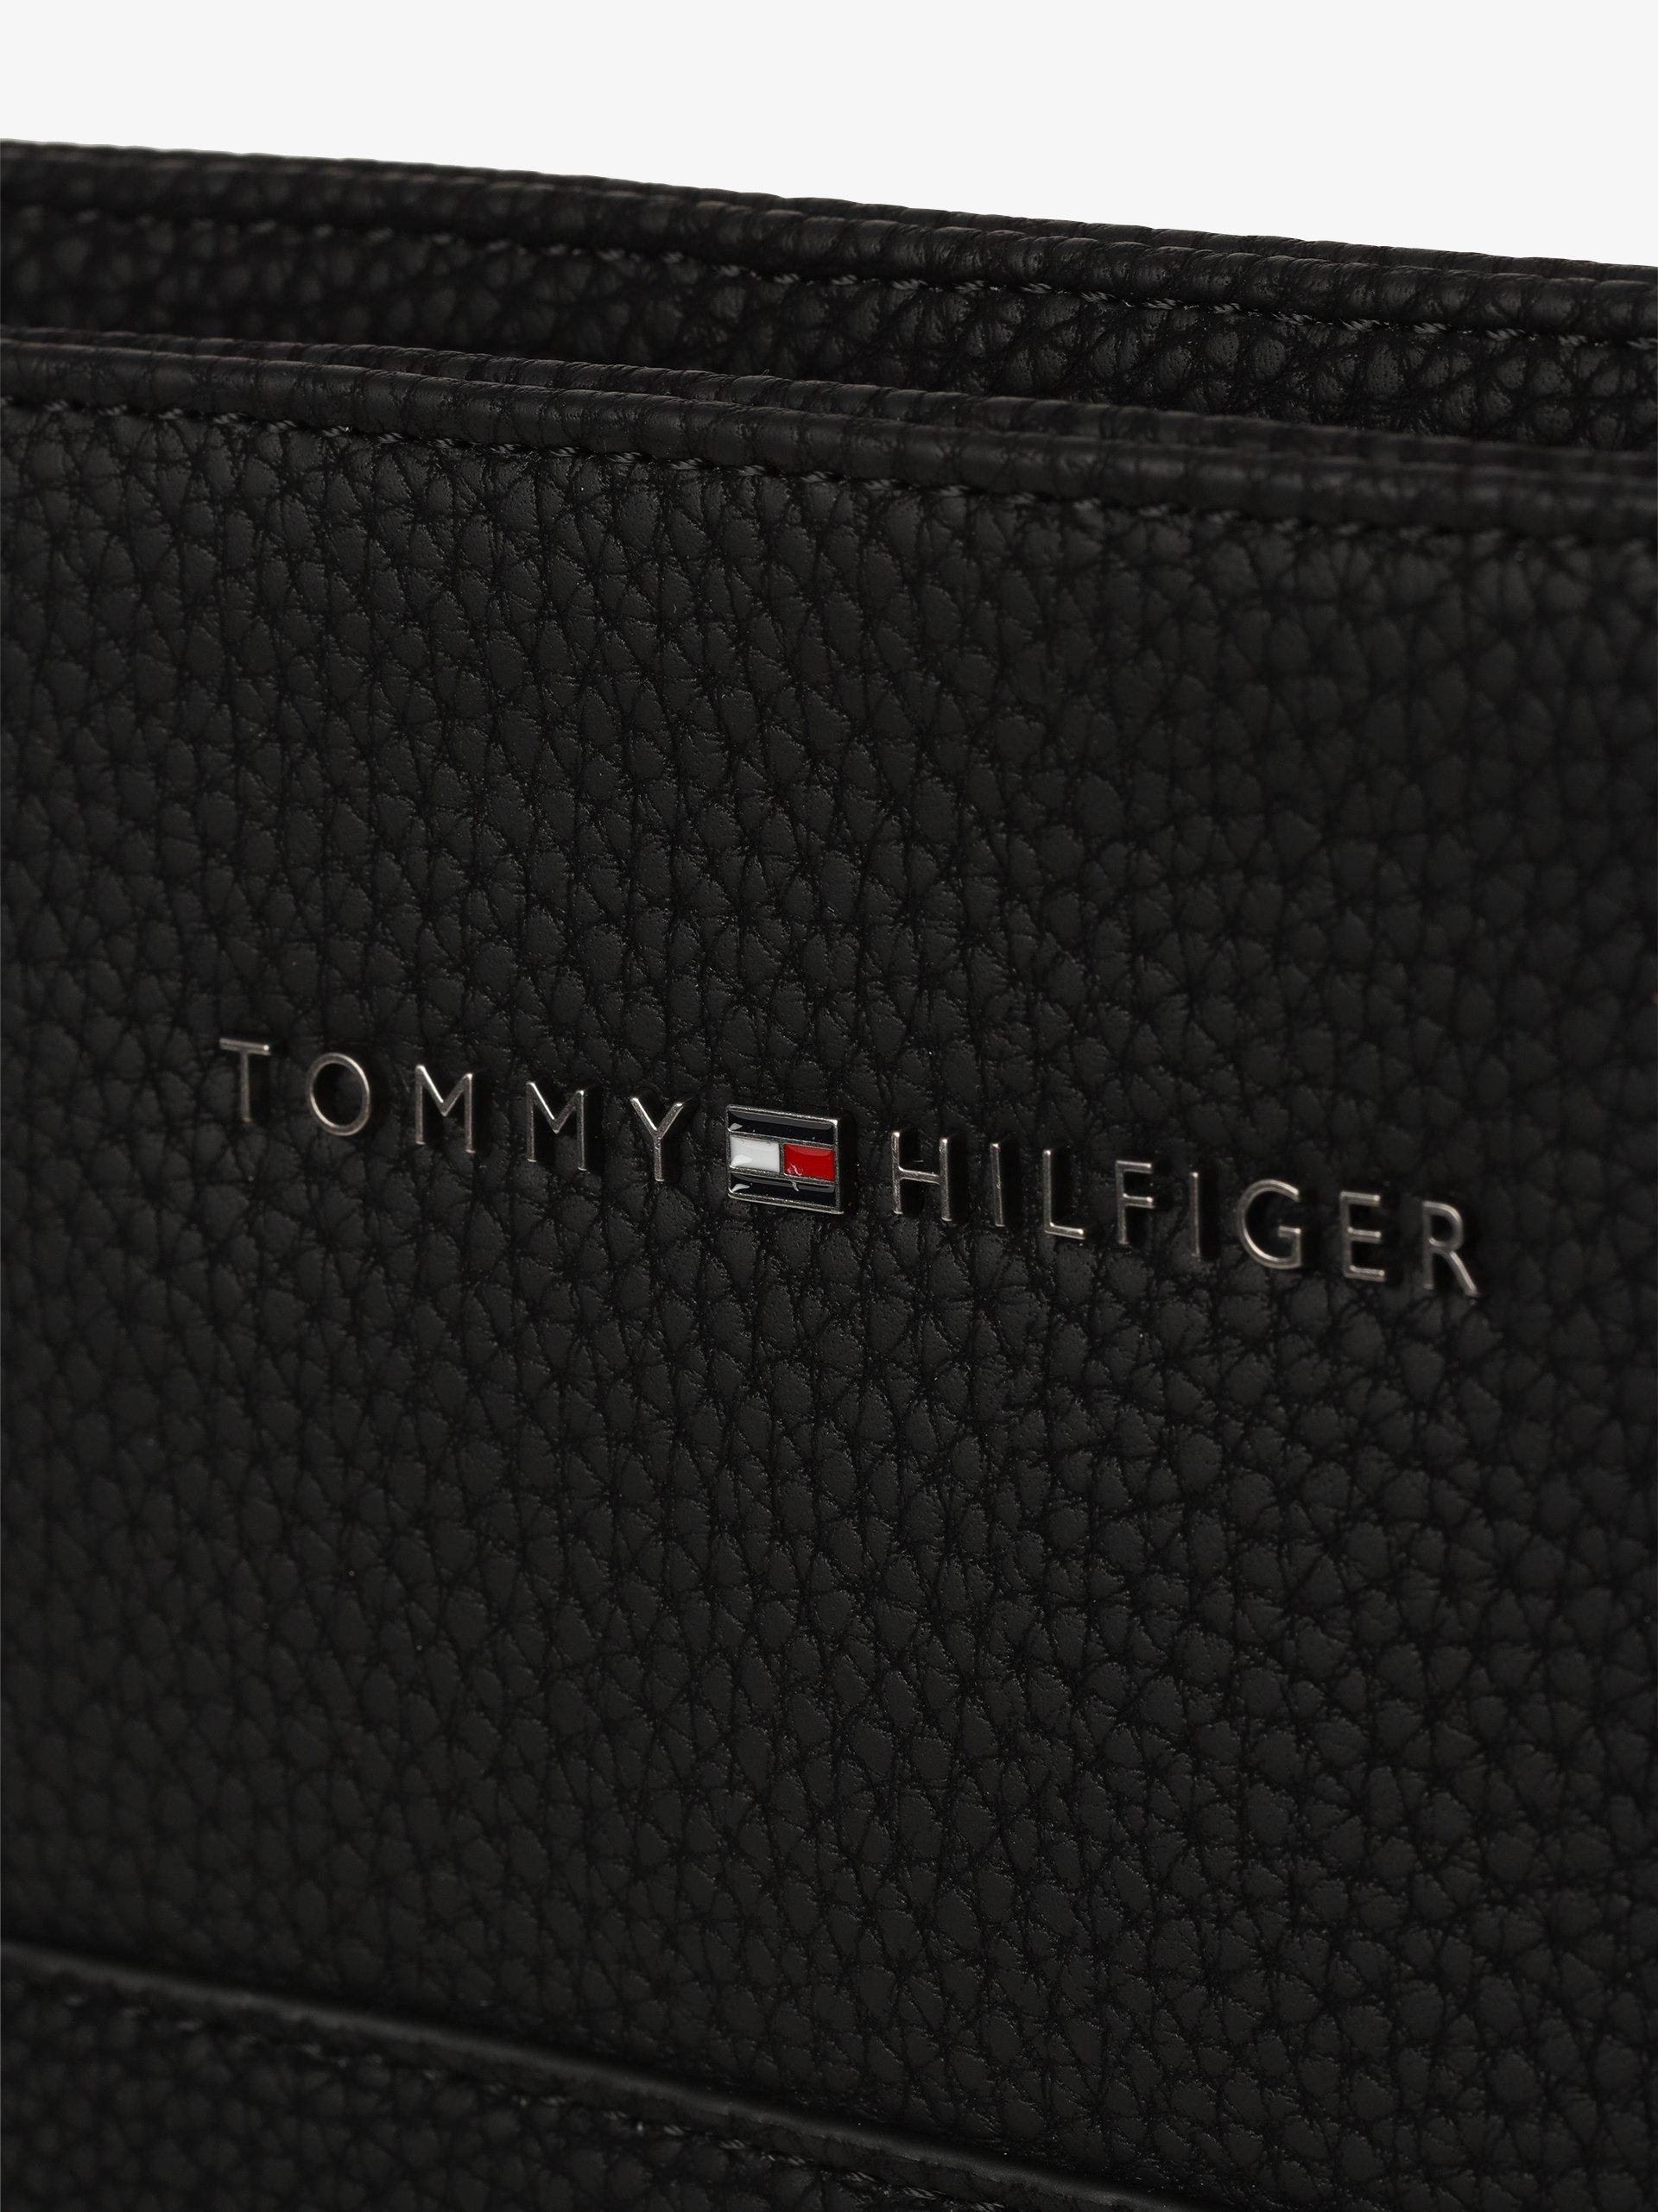 Tommy Hilfiger Herren Umhängetasche